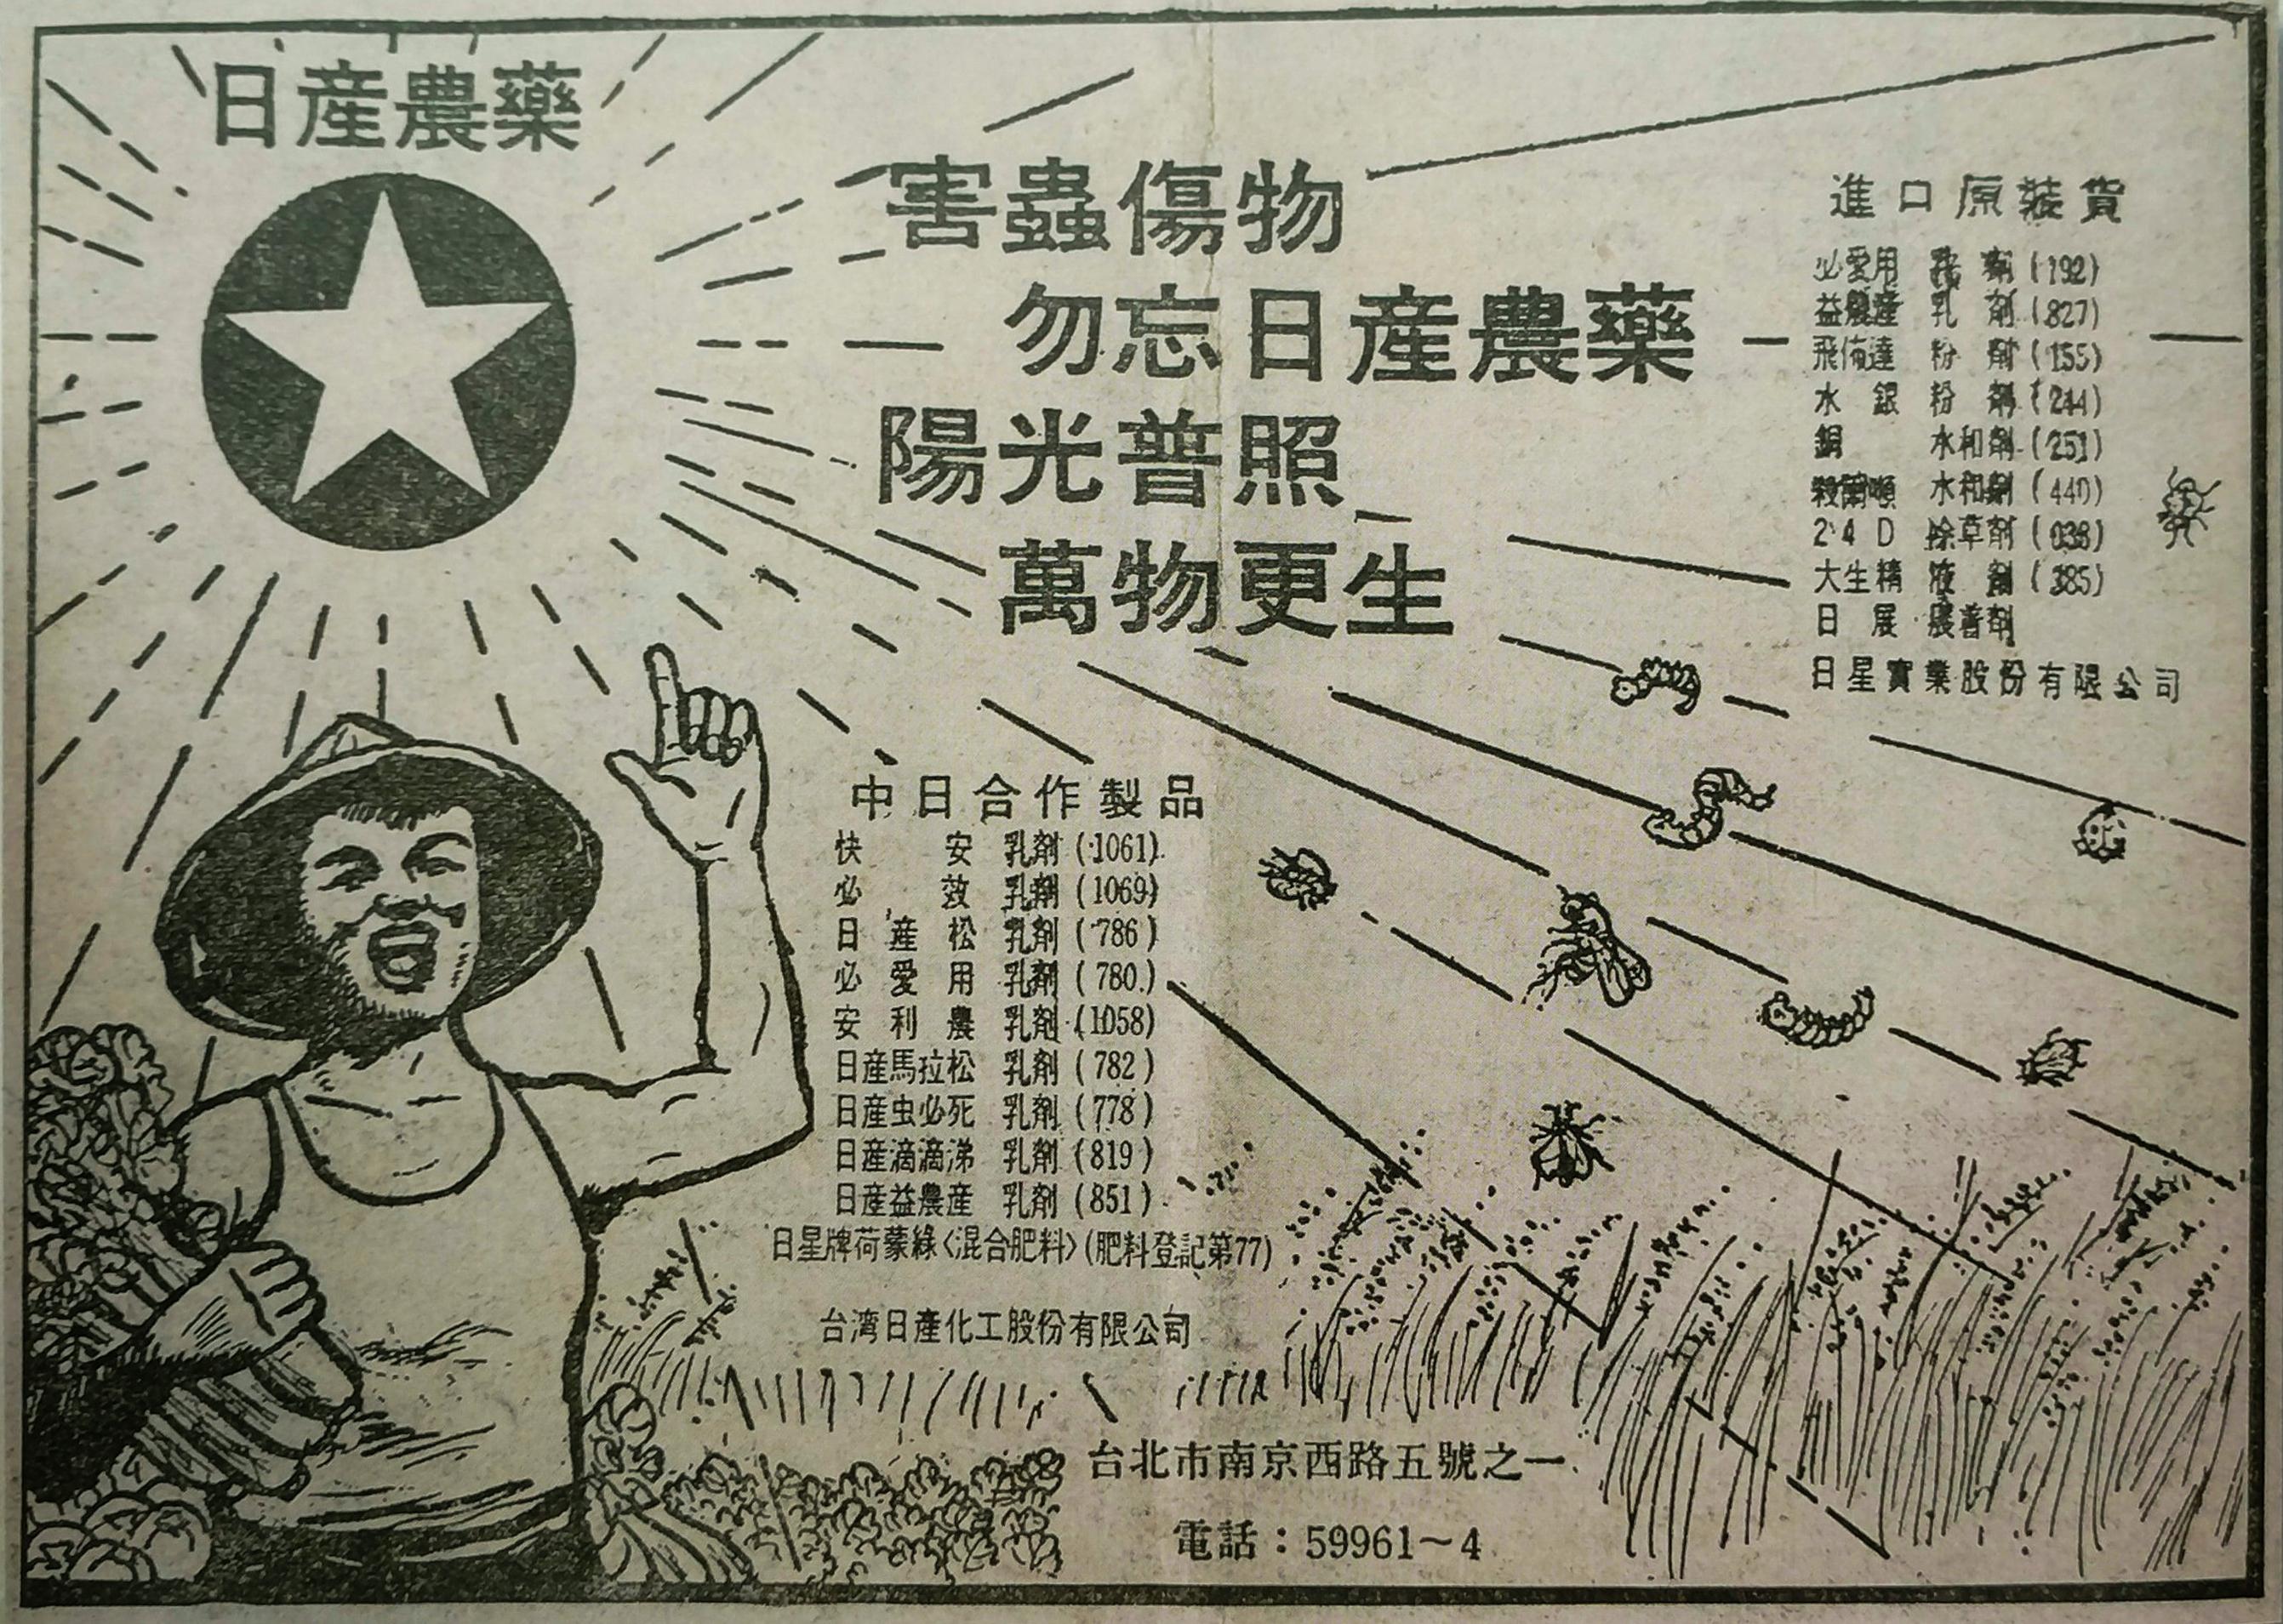 五六十年代台湾农业宣传画